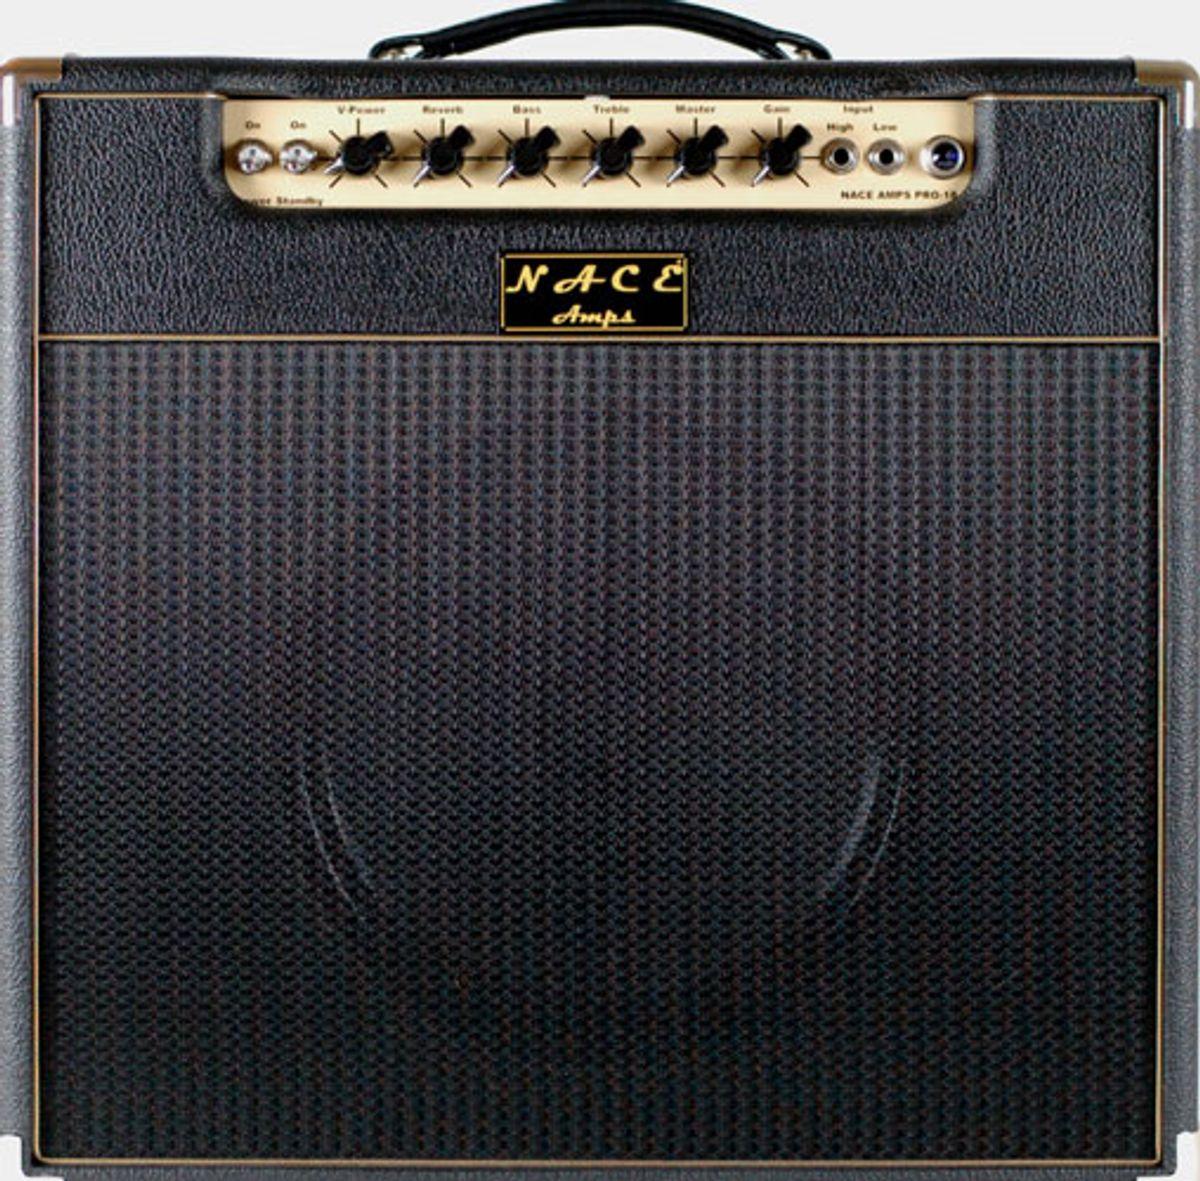 Nace Amps Announces the Pro-18